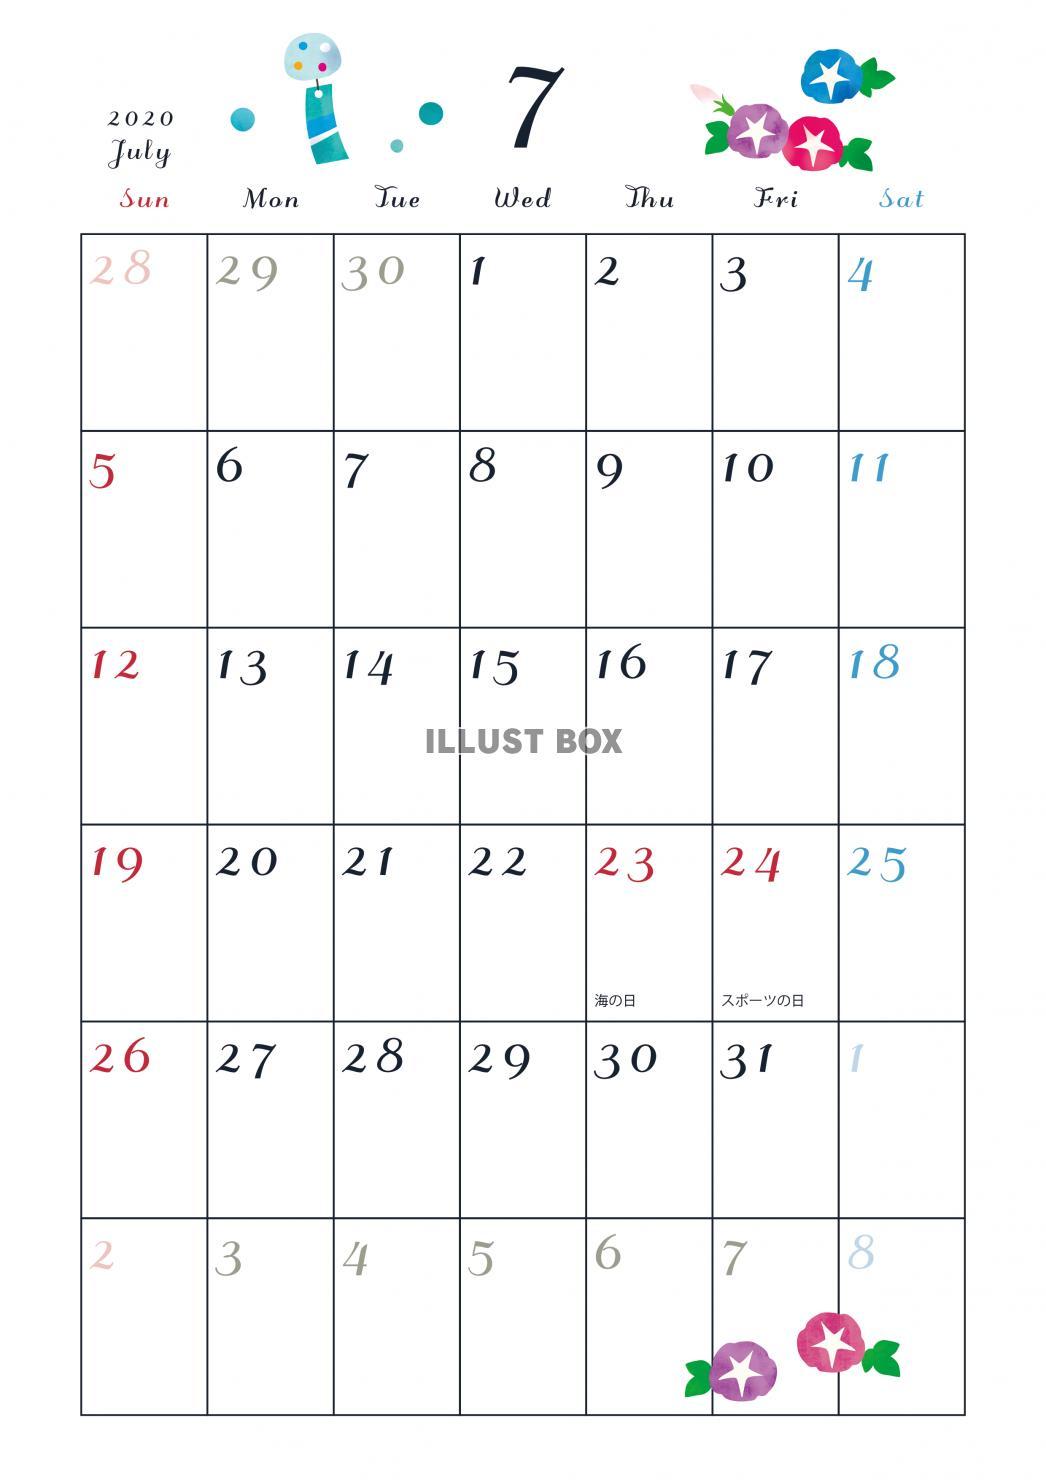 無料イラスト 2020年 カレンダー 7月縦型 月イメージイラスト